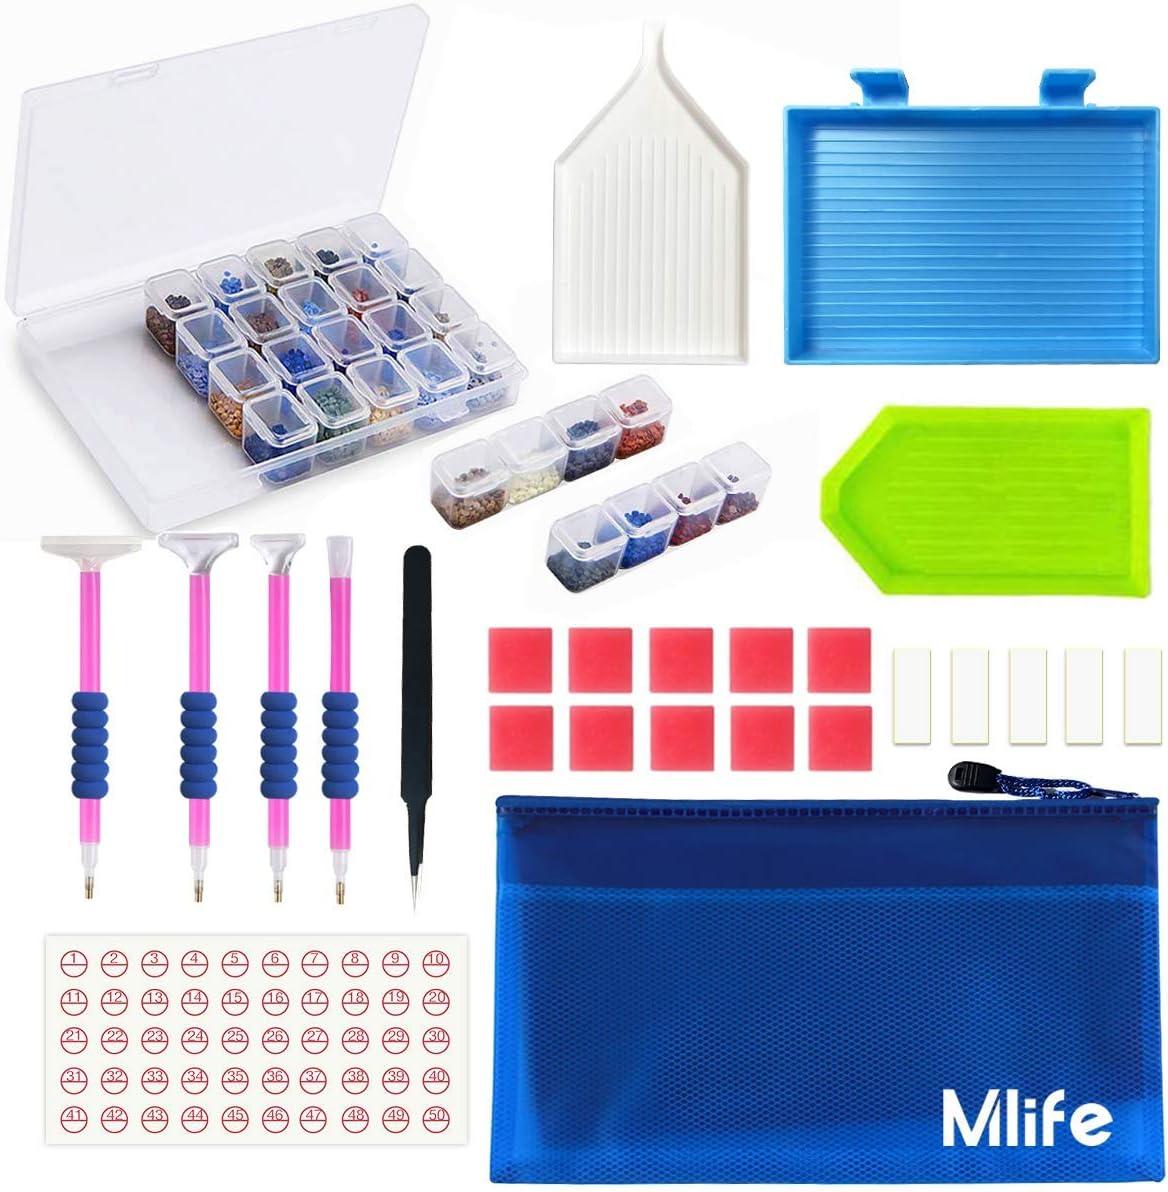 Kit de pintura de diamante JUSONEY 5D: paquete de accesorios de pintura de diamante DIY económico y práctico de 31 piezas